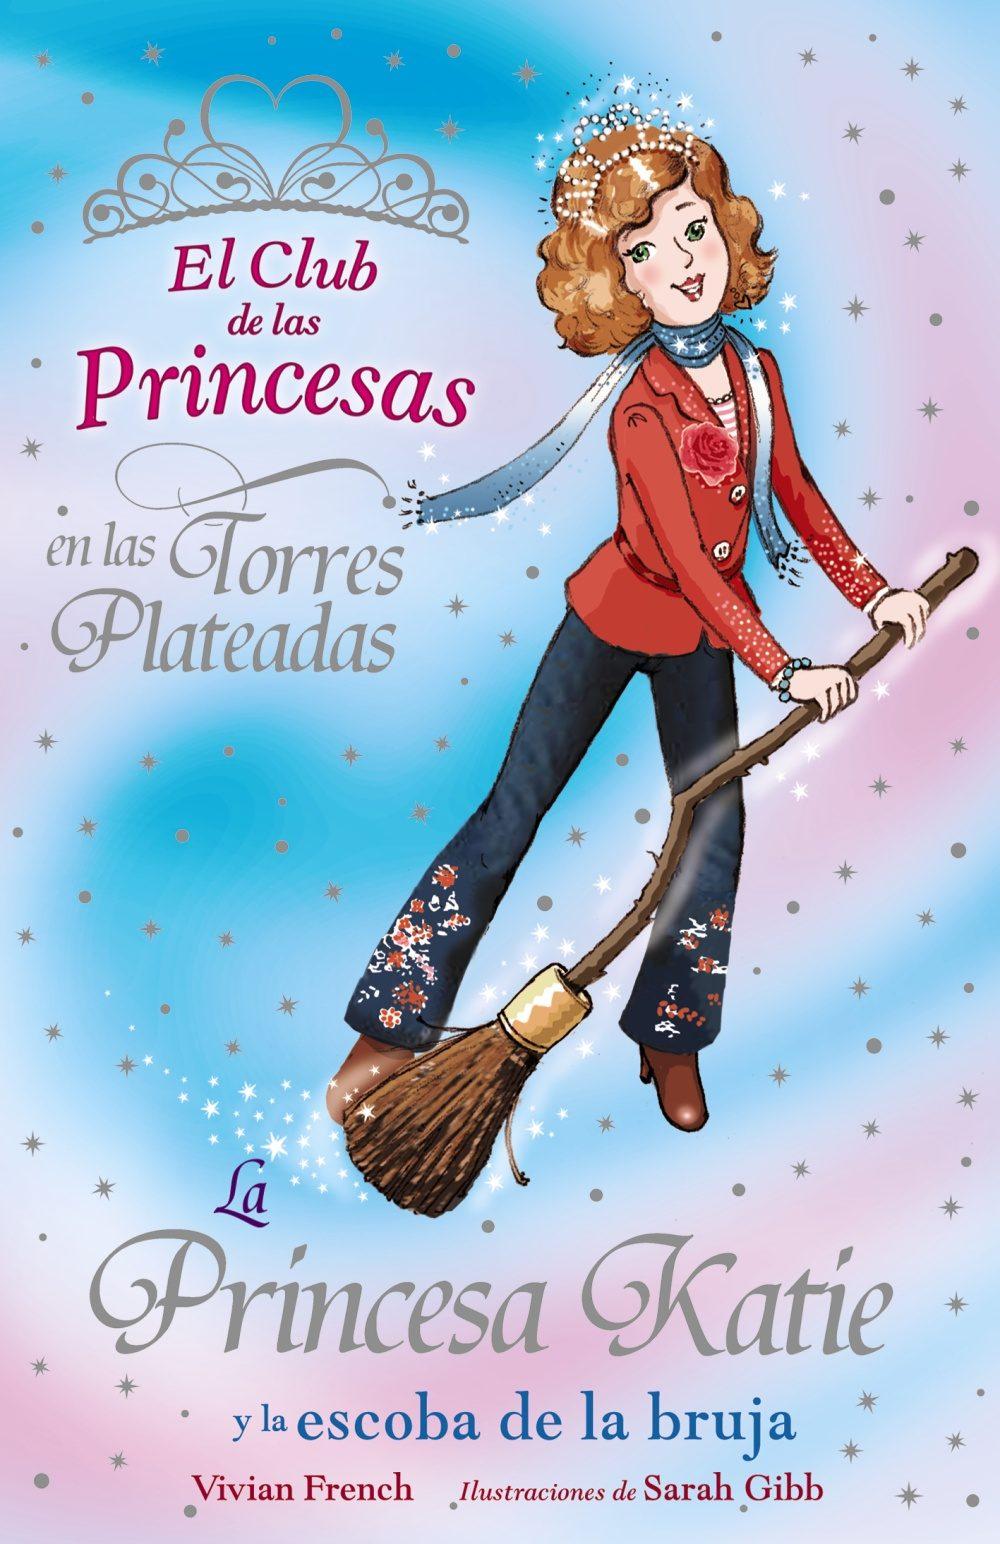 La Princesa Katie Y La Escoba De La Bruja (el Club De Las Princes As) por Vivian French epub